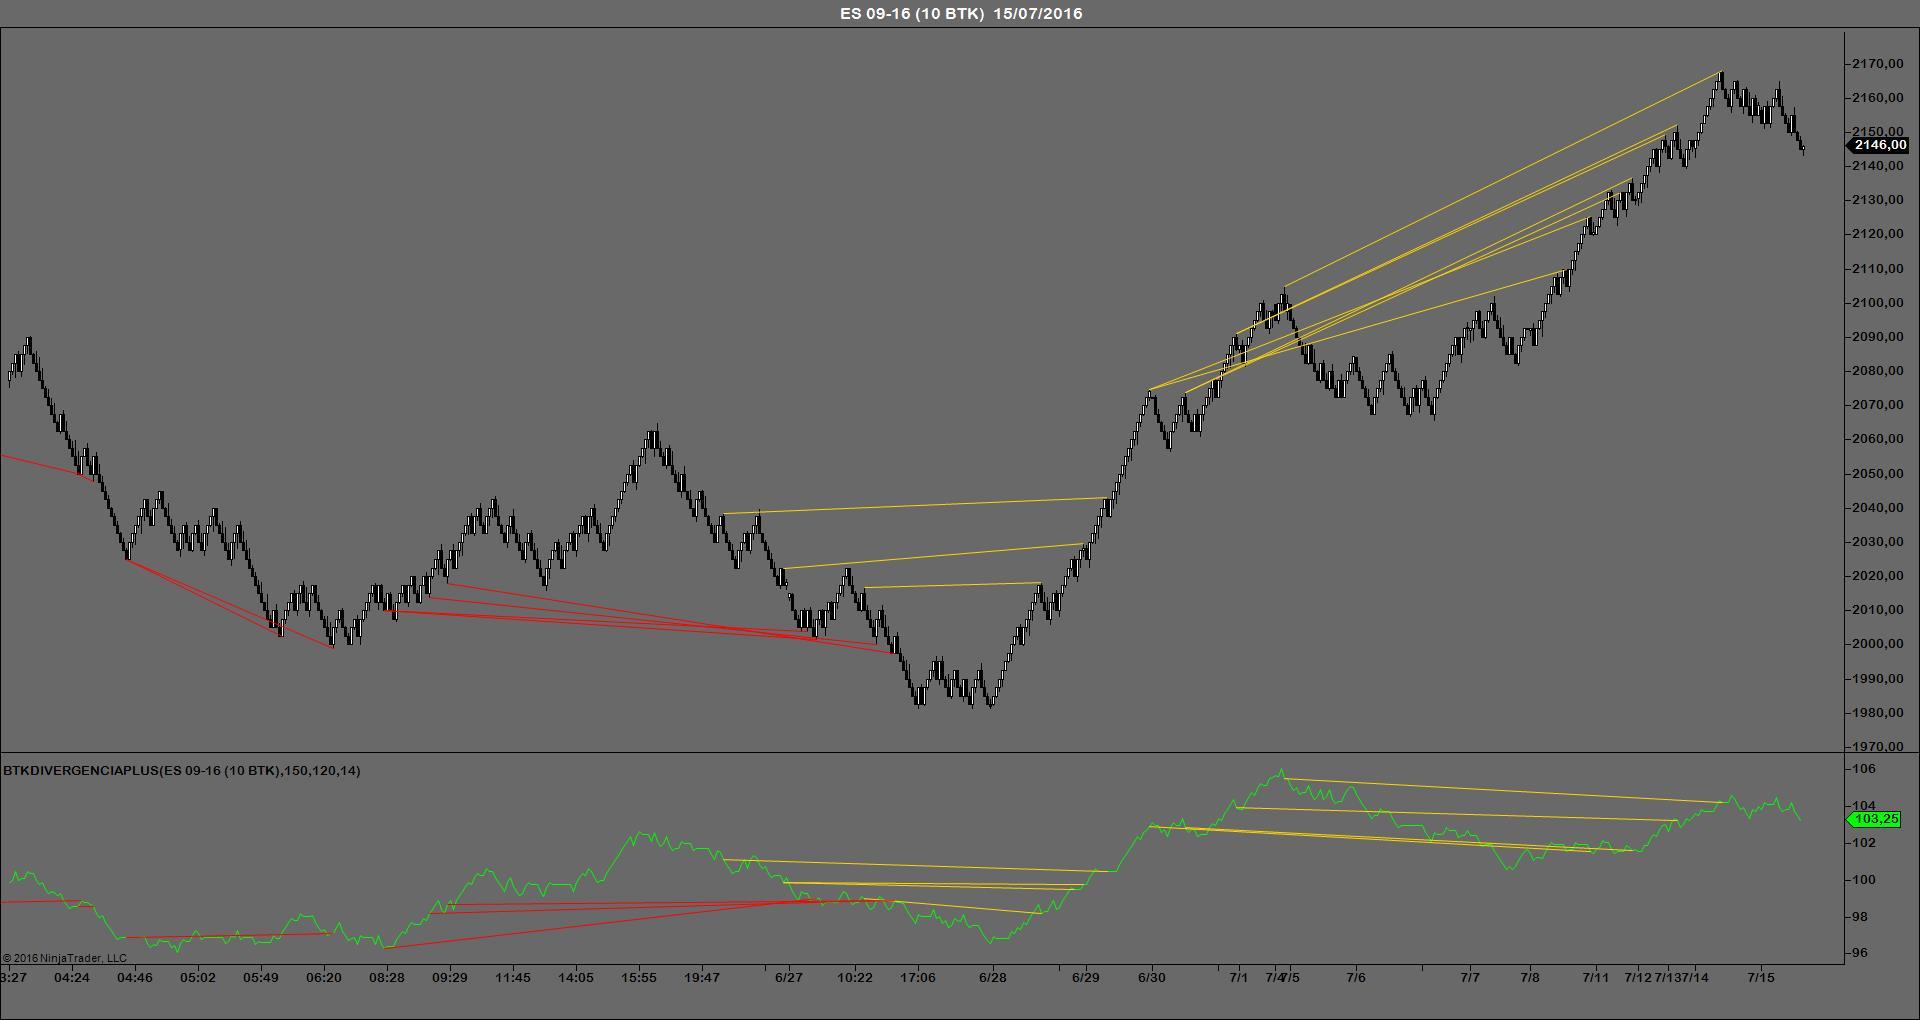 BTKDIVERGENCIAPLUS indicador trading